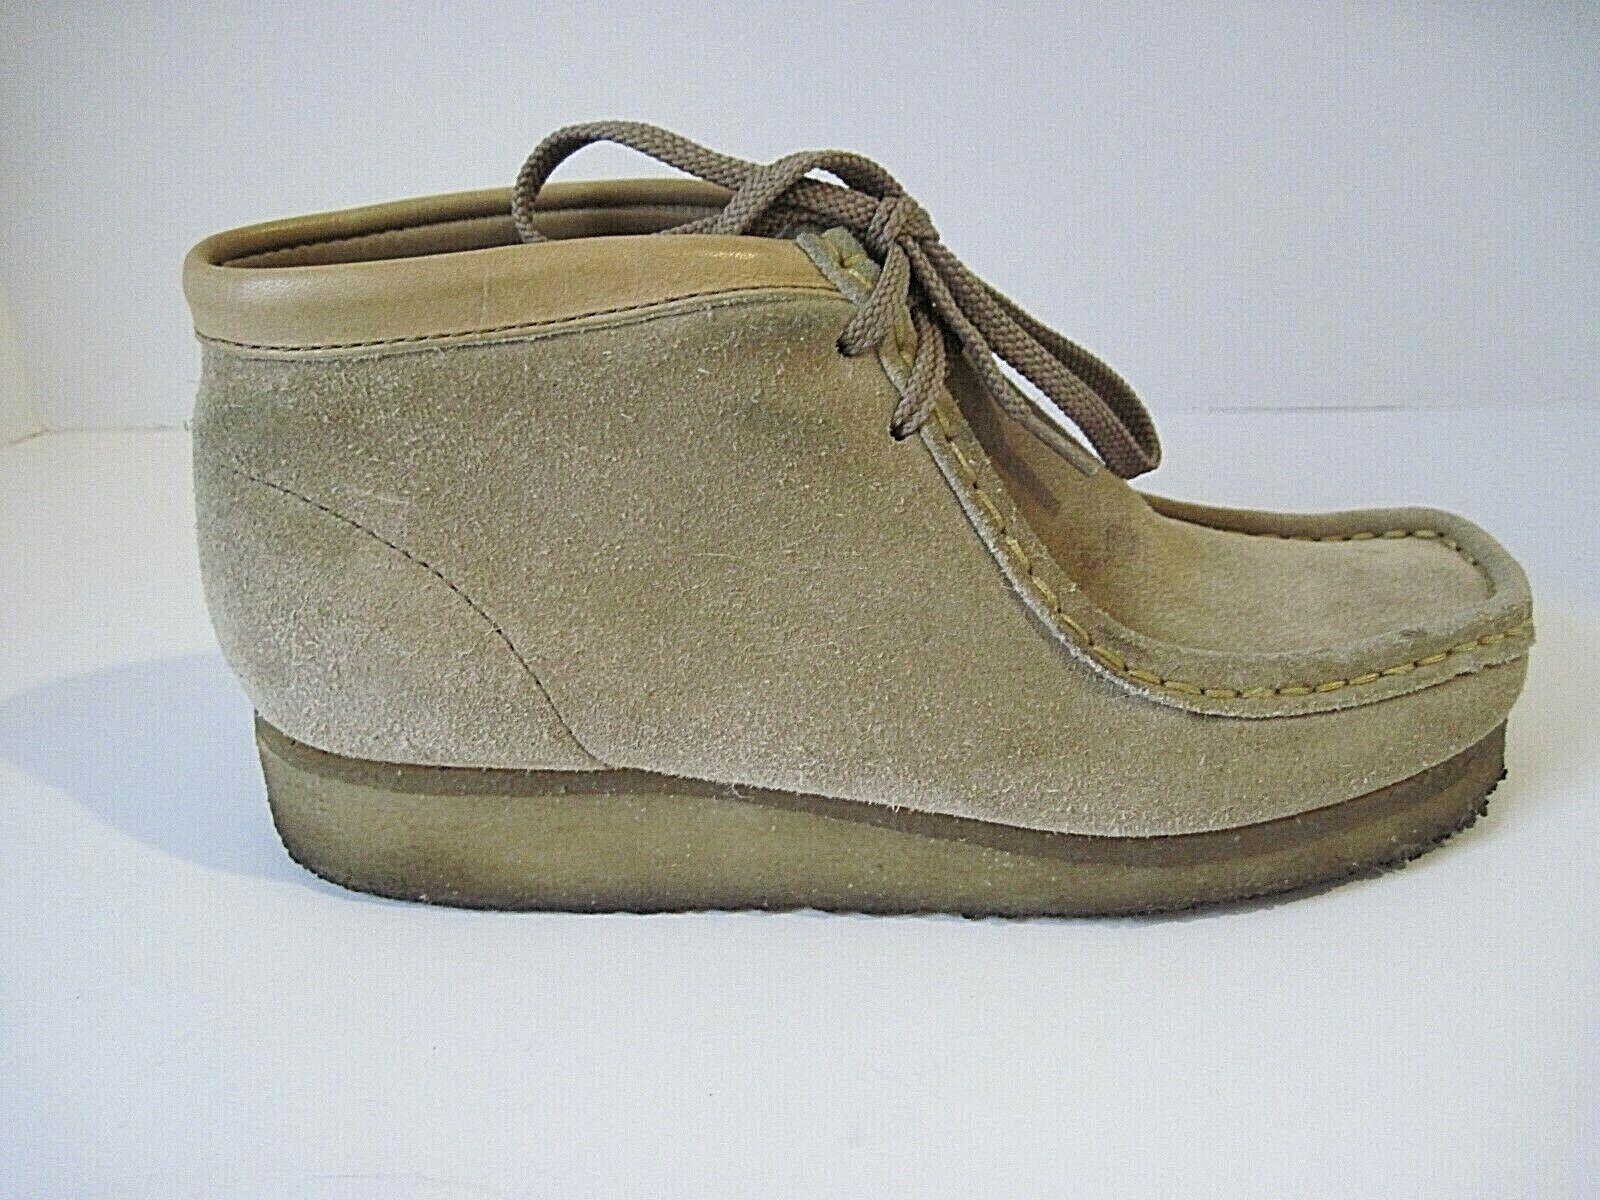 Prezzo al piano Clarks Originals Wallabee Sand Suede Crepe Crepe Crepe Sole Desert scarpe Donna  Dimensione 6M  senza esitazione! acquista ora!